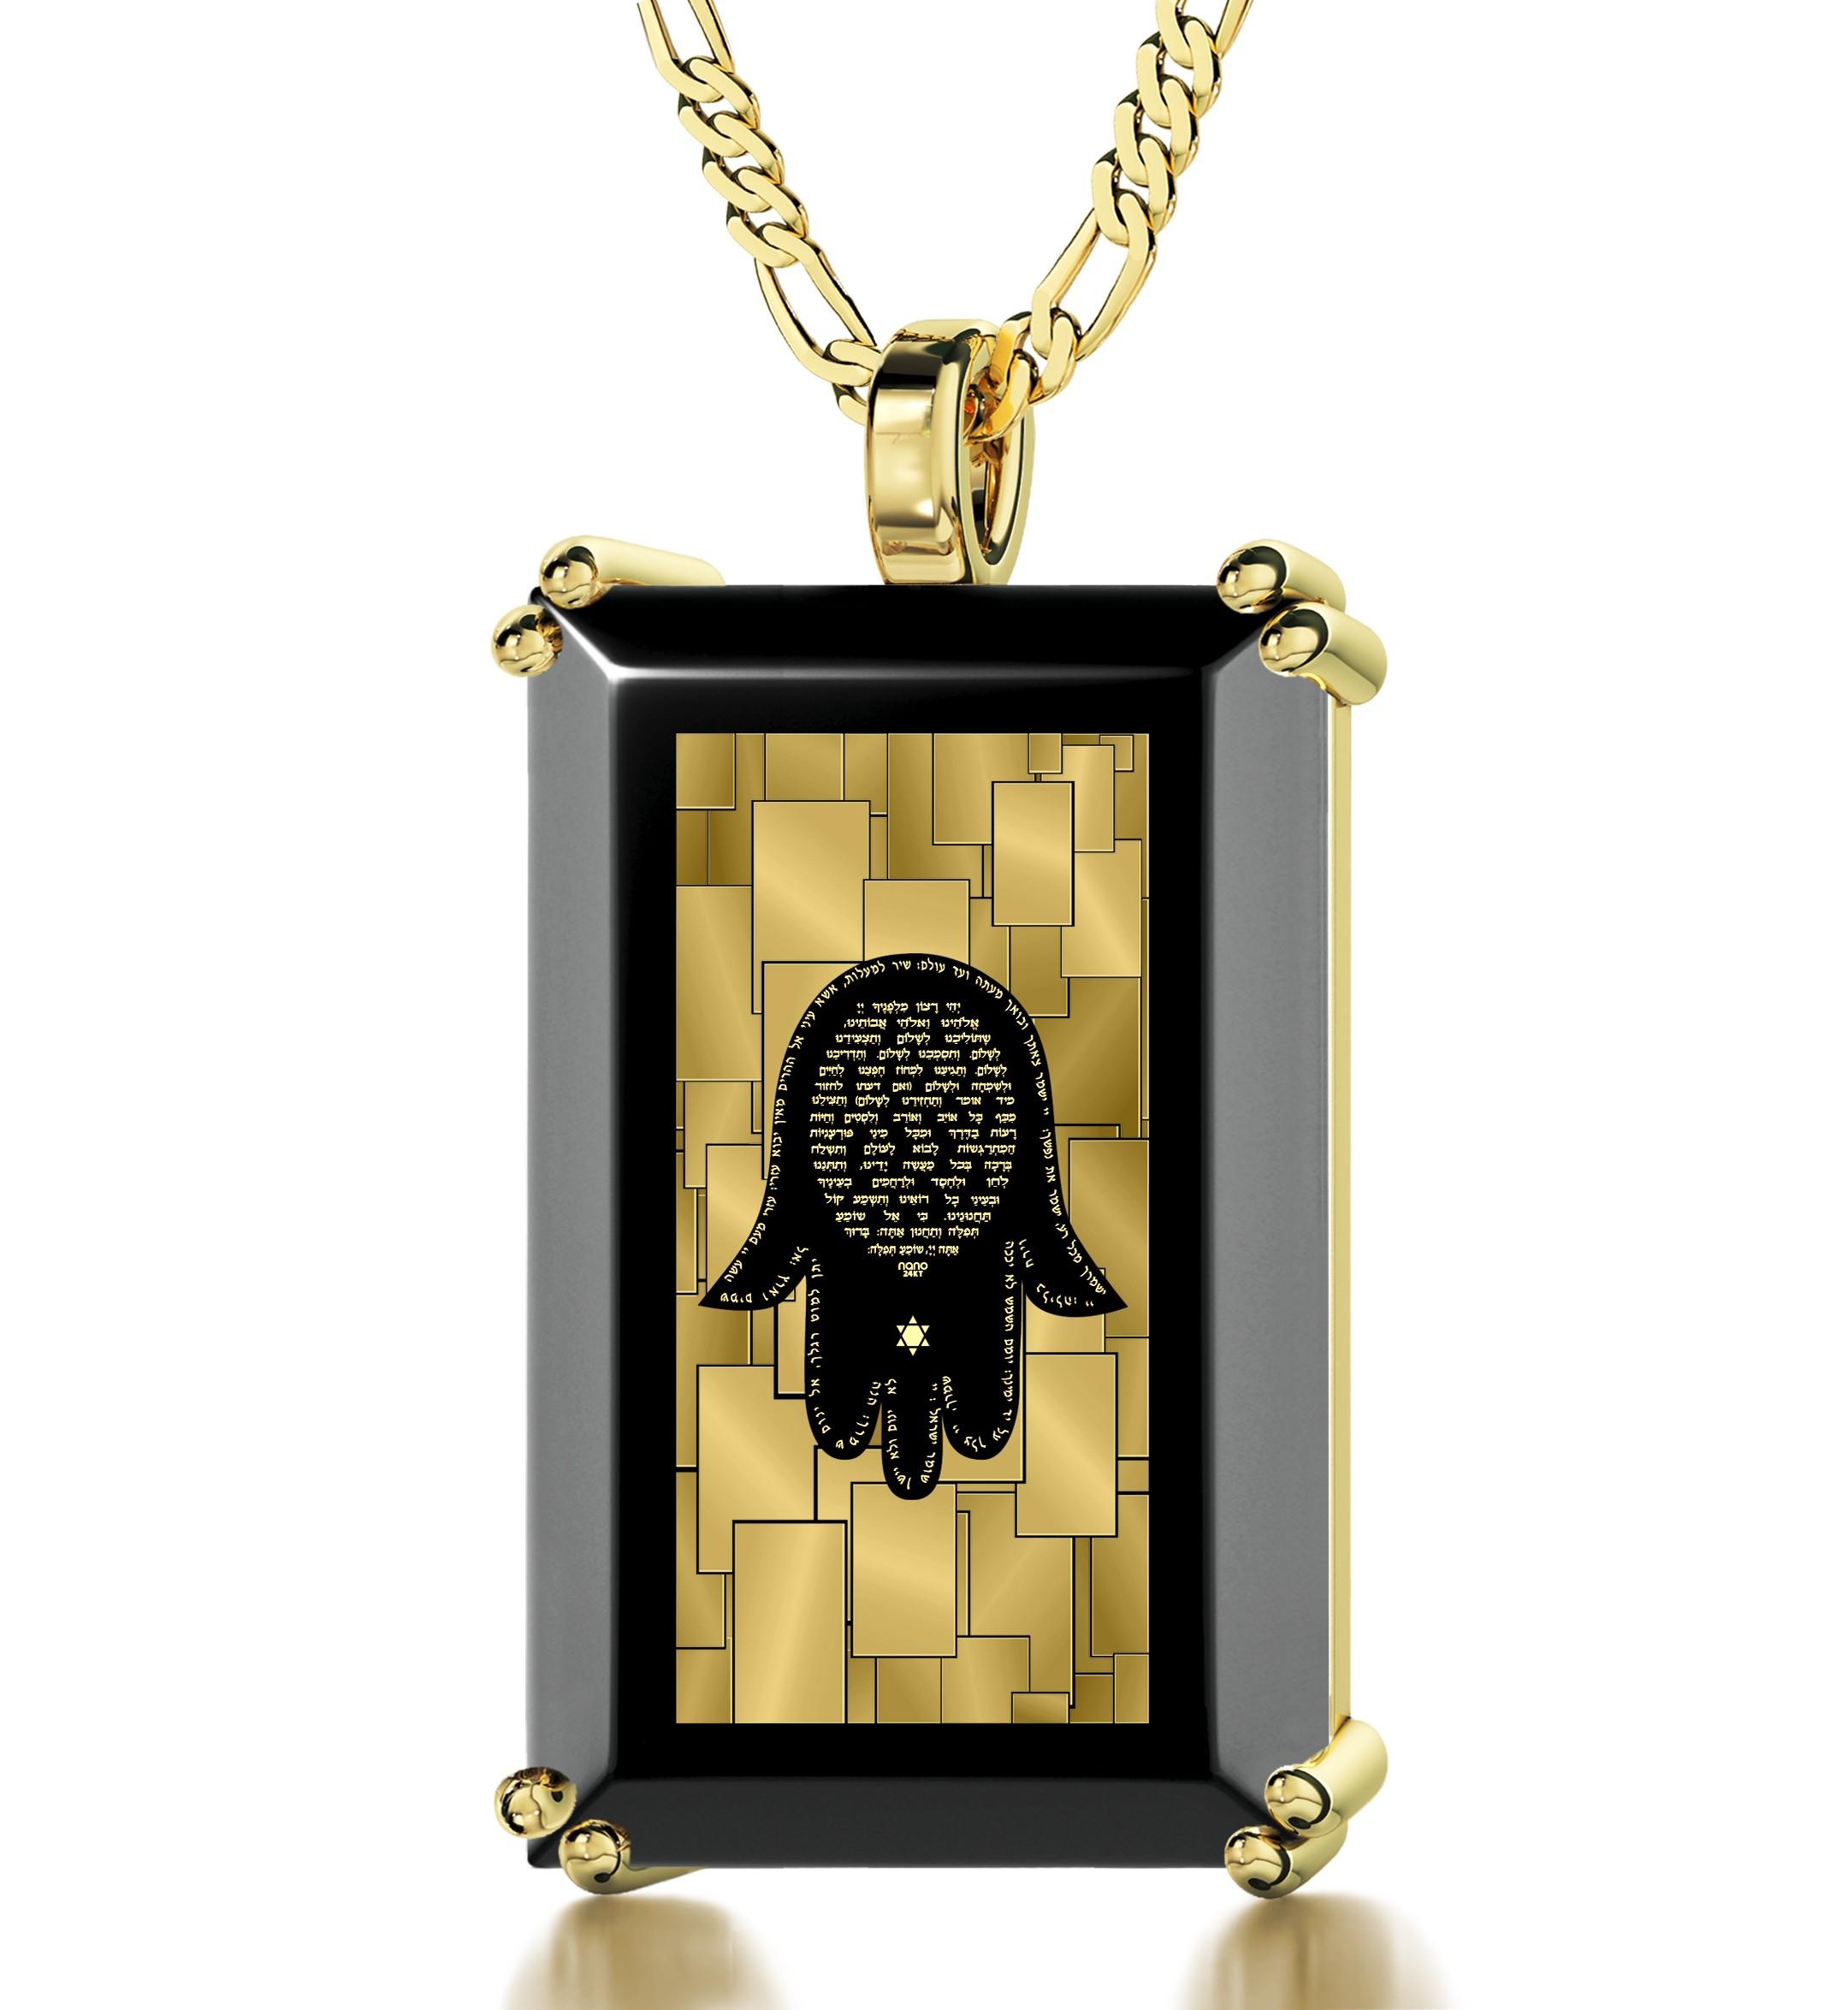 שרשרת חמסה לגבר – תכשיטי יהדות - תליון תפילת הדרך עם שיר למעלות – נאנו תכשיטיםשרשרת חמסה לגבר – תכשיטי יהדות - תליון תפילת הדרך עם שיר למעלות – נאנו תכשיטים